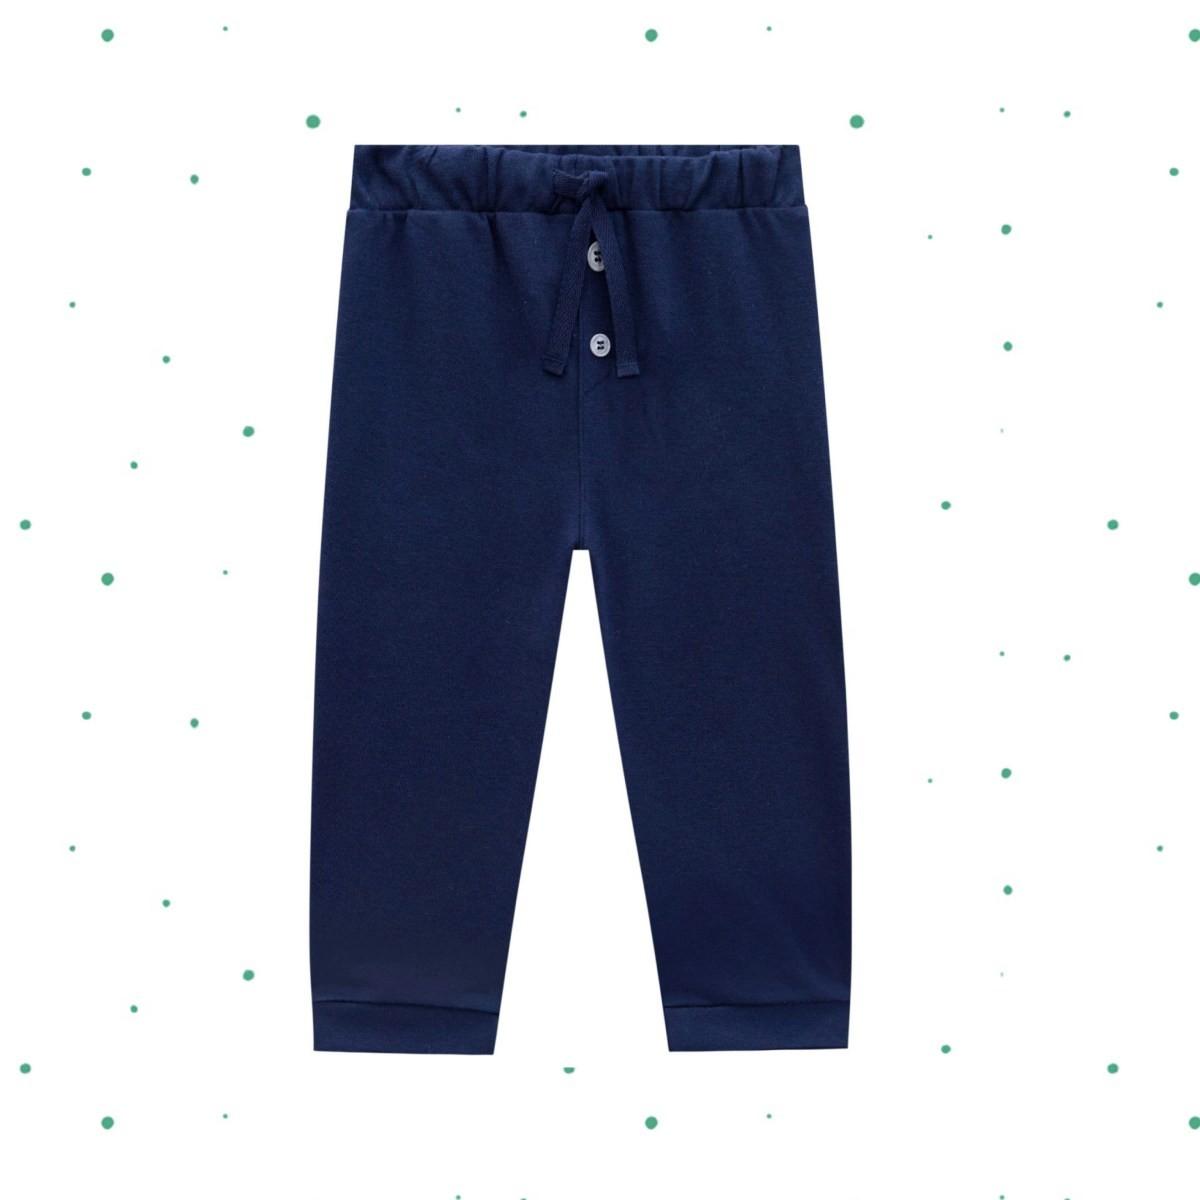 Calça Menino Lucboo em Suedine cor Azul Marinho